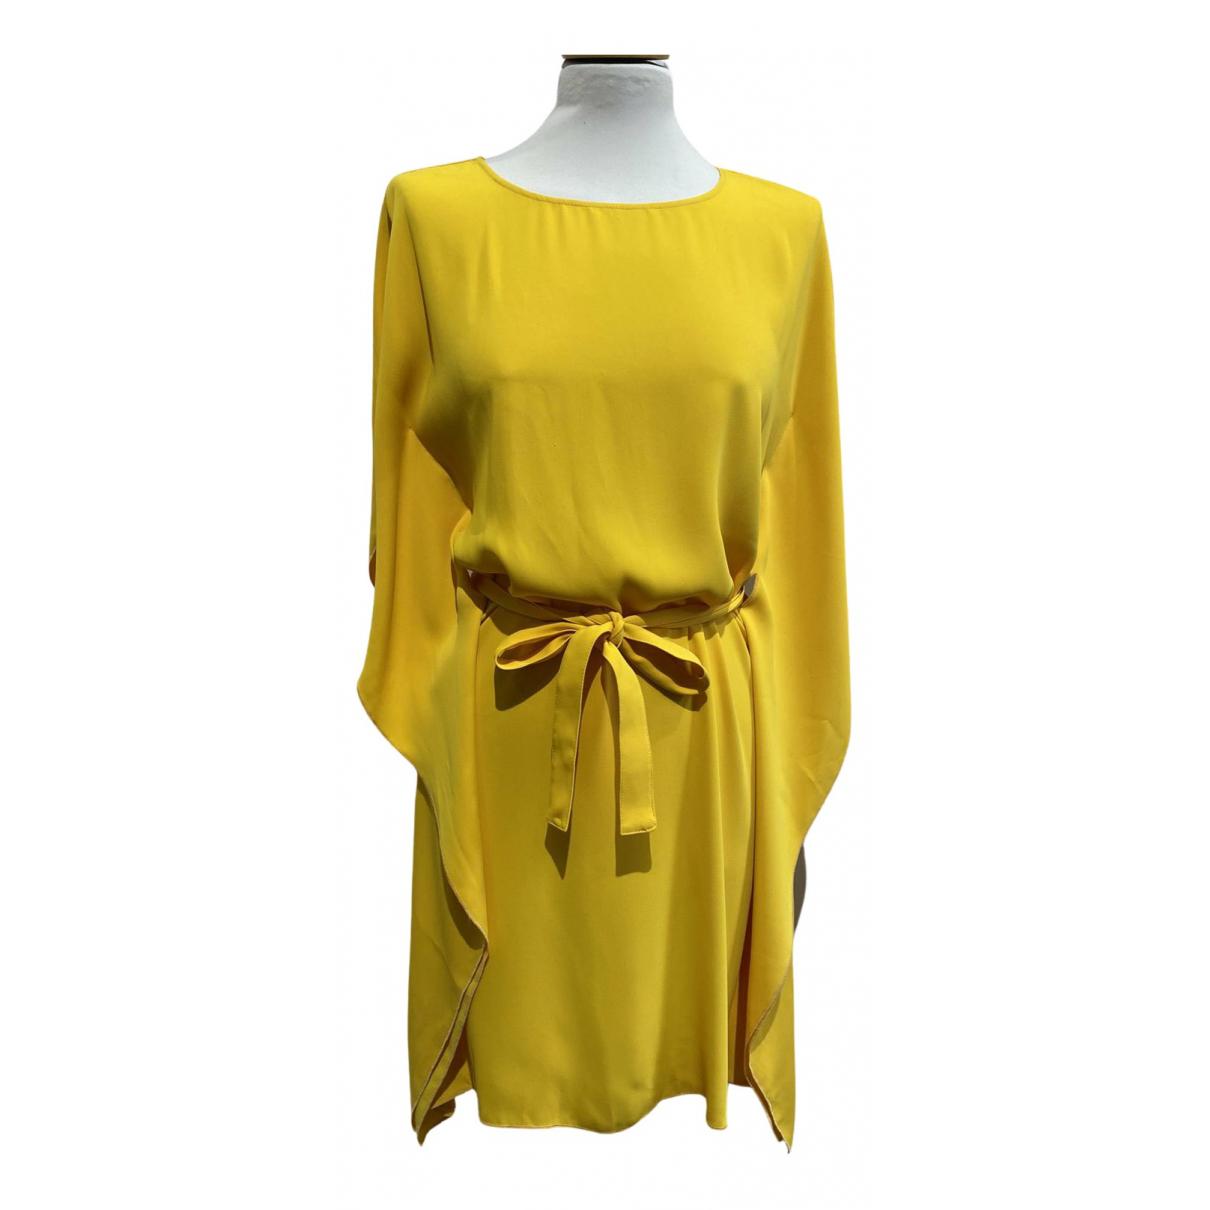 Mm6 \N Kleid in  Gelb Polyester